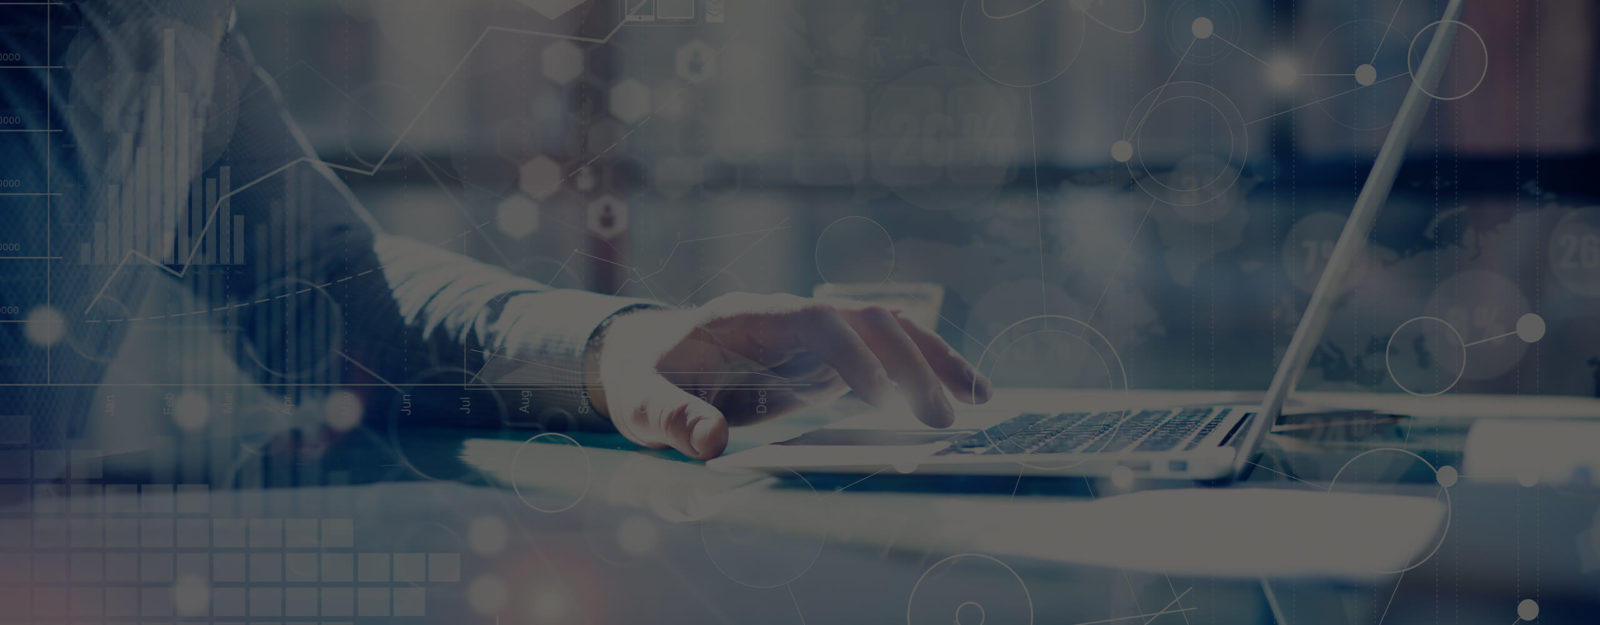 Adoption of Digital 2.0 by CIOs